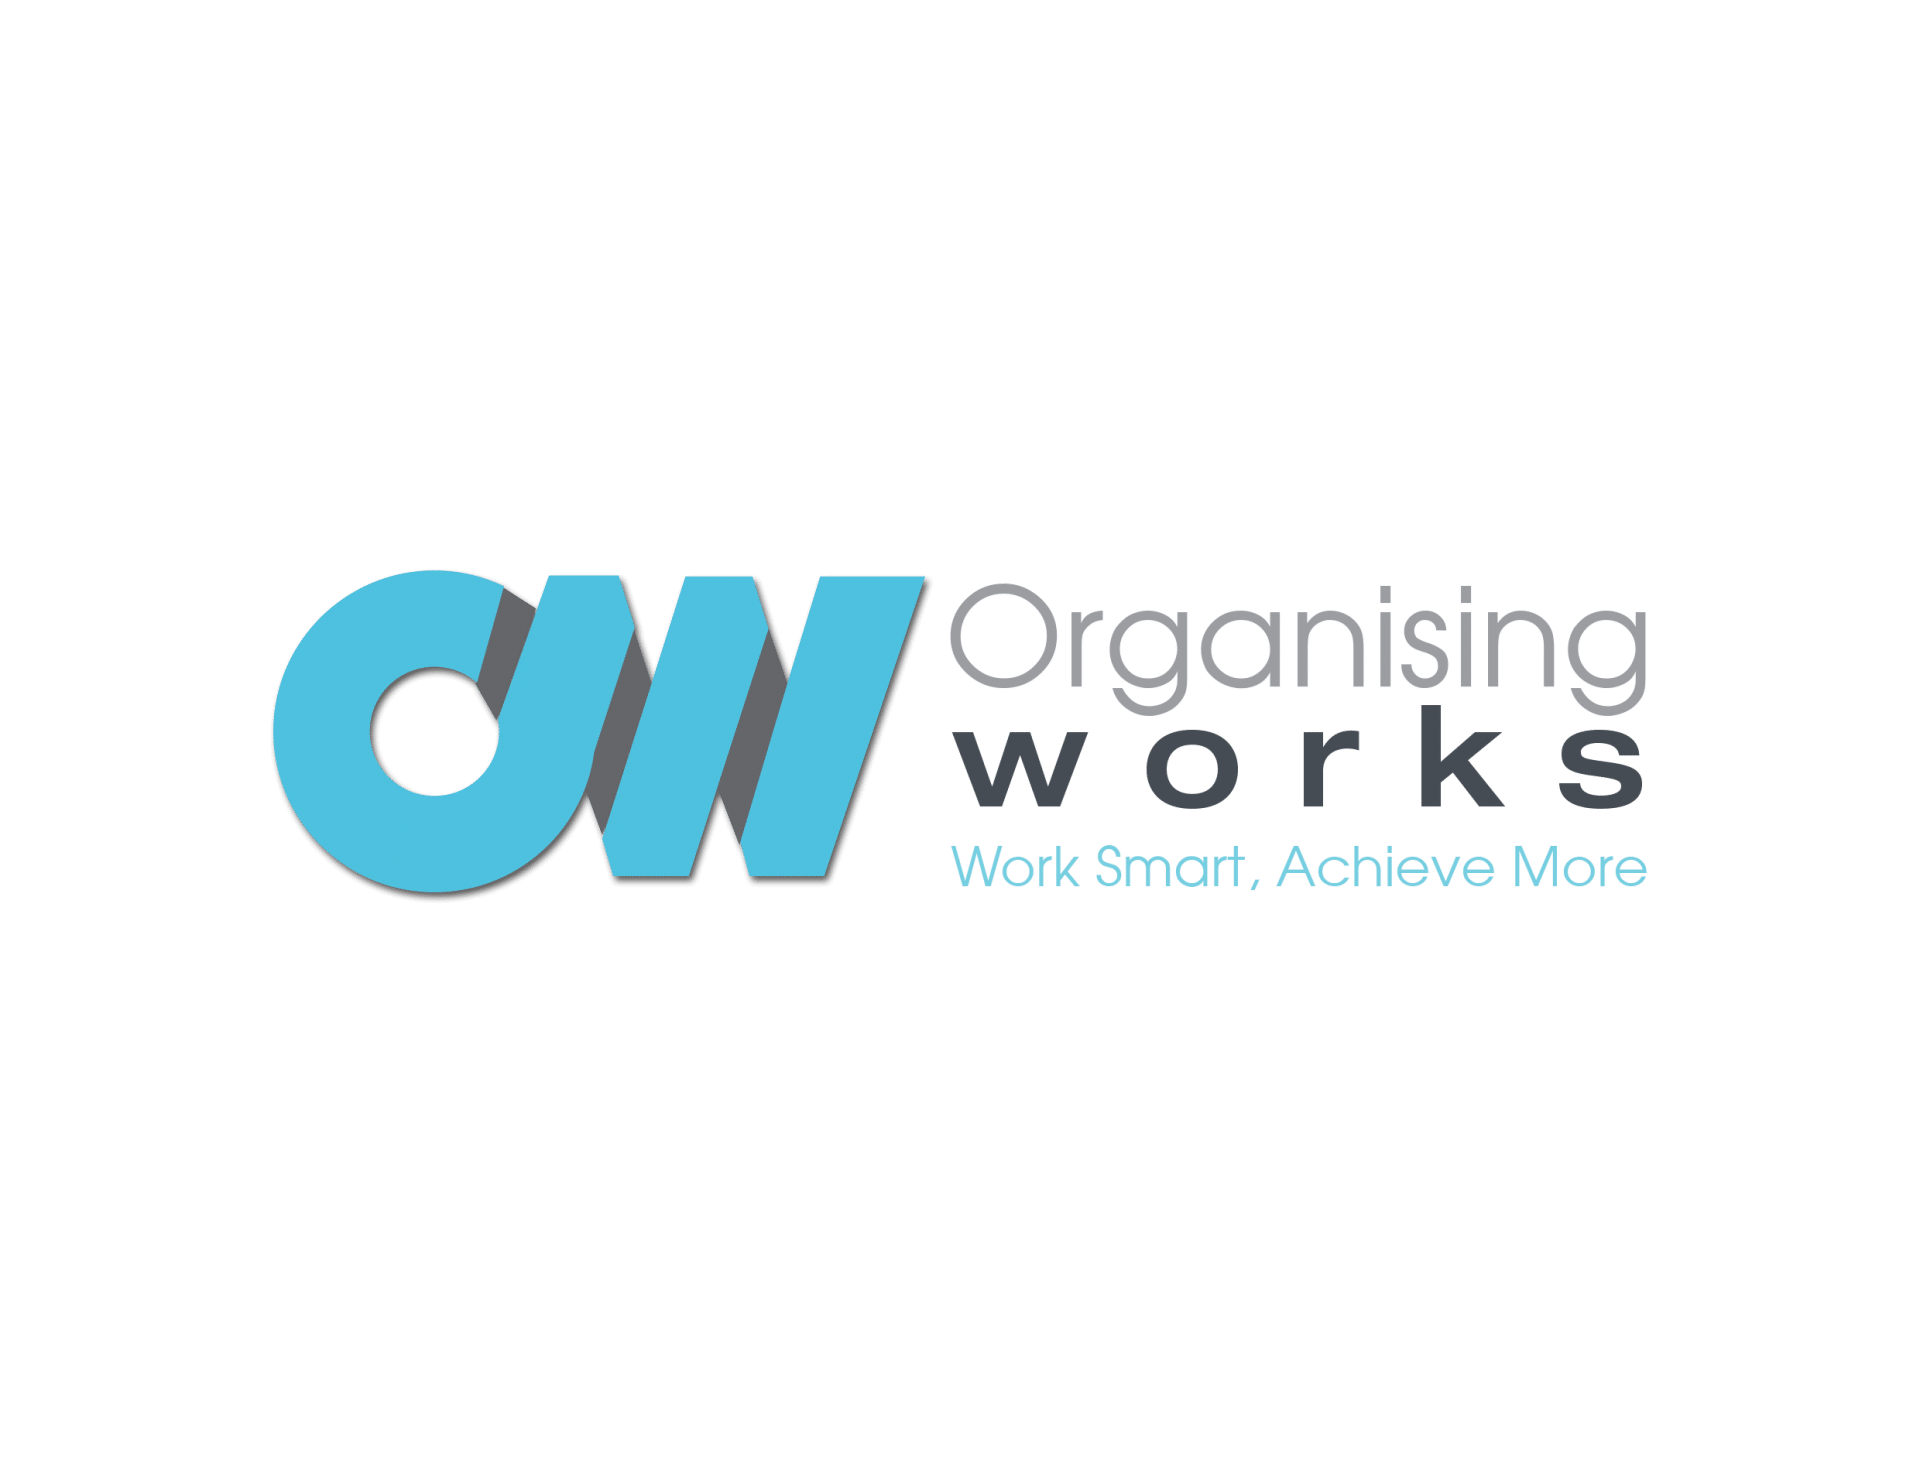 Organising Works!